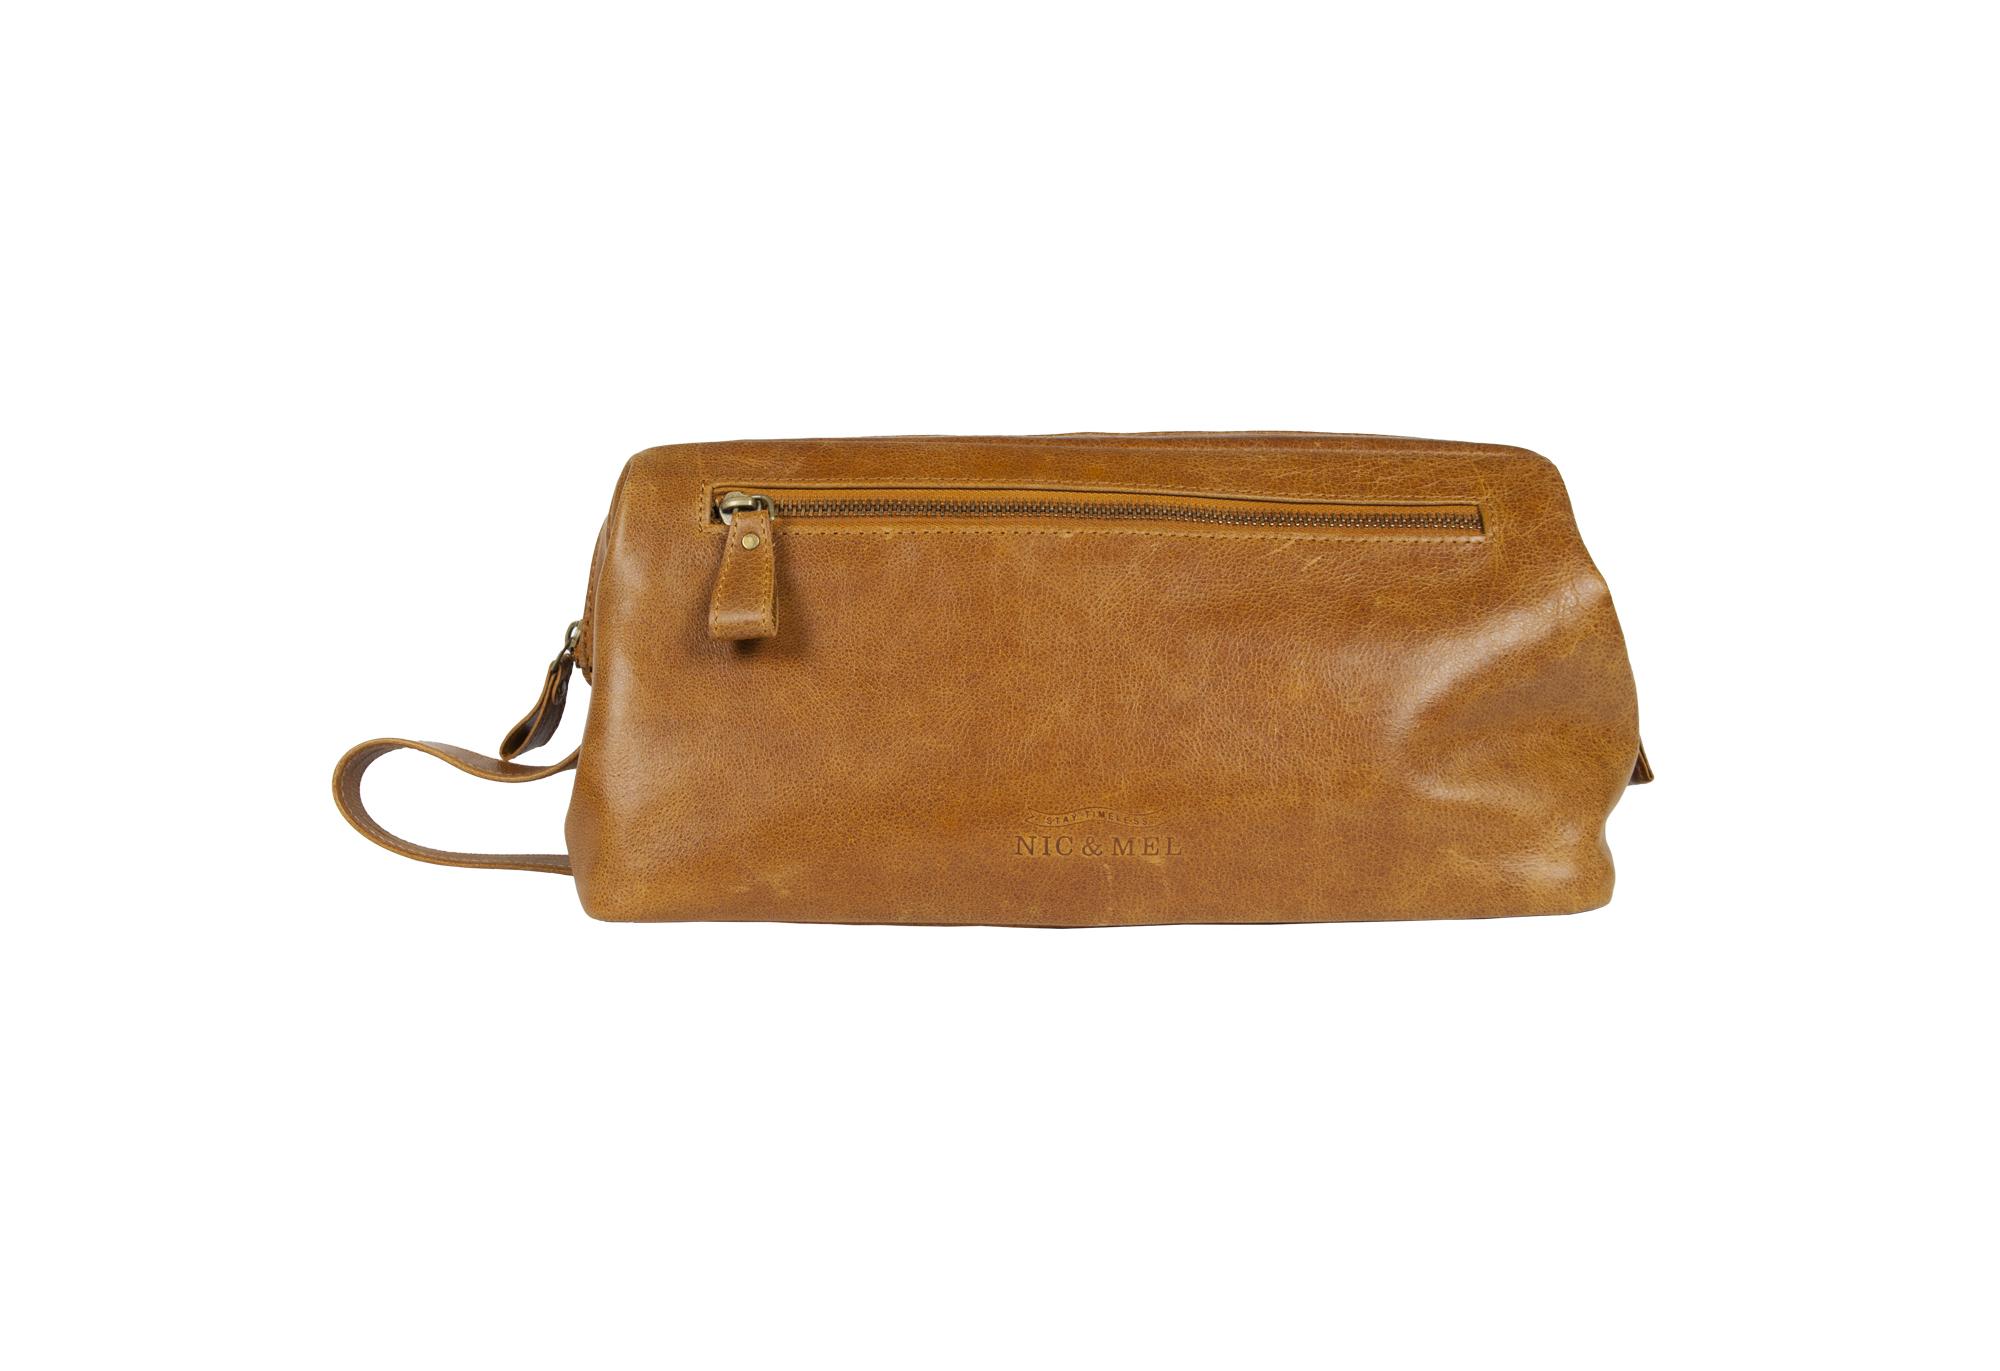 SEAN JUNIOR TOILETRY BAG <br>Cognac Leather